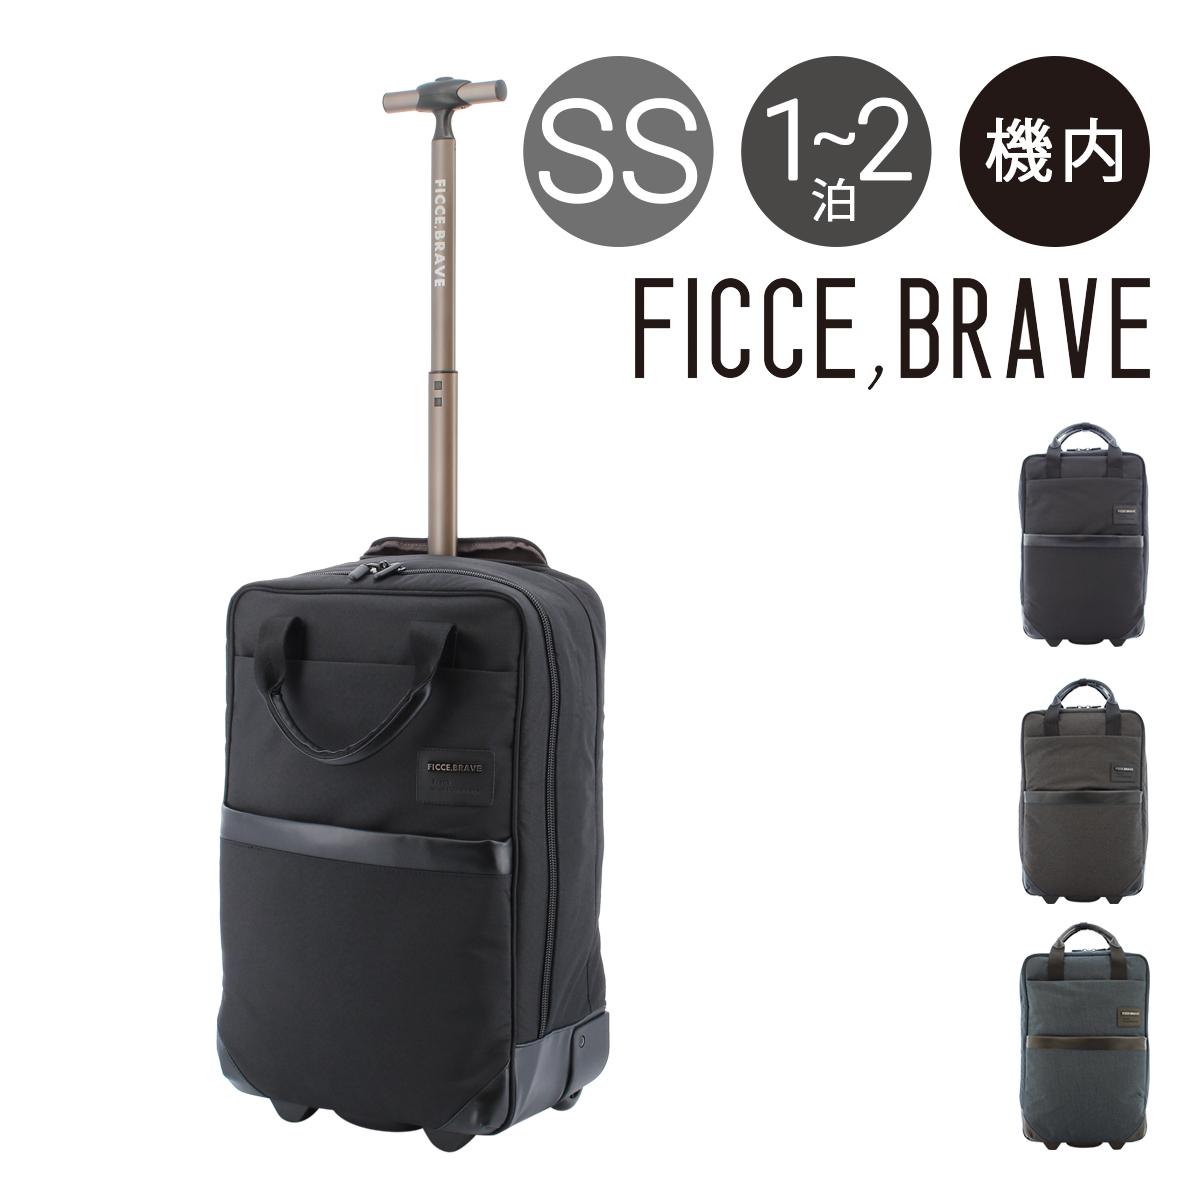 フィセブレイブ リュックキャリー 2WAY メンズ レディースF-276 Ficce Brave   スーツケース 機内持ち込み キャリーバッグ キャリーケース [即日発送][PO5]